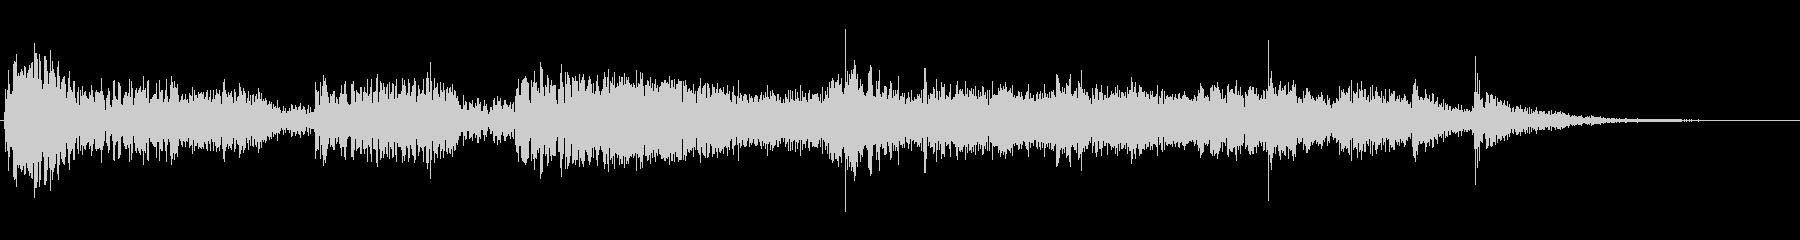 ヒットラテンバンパーの未再生の波形